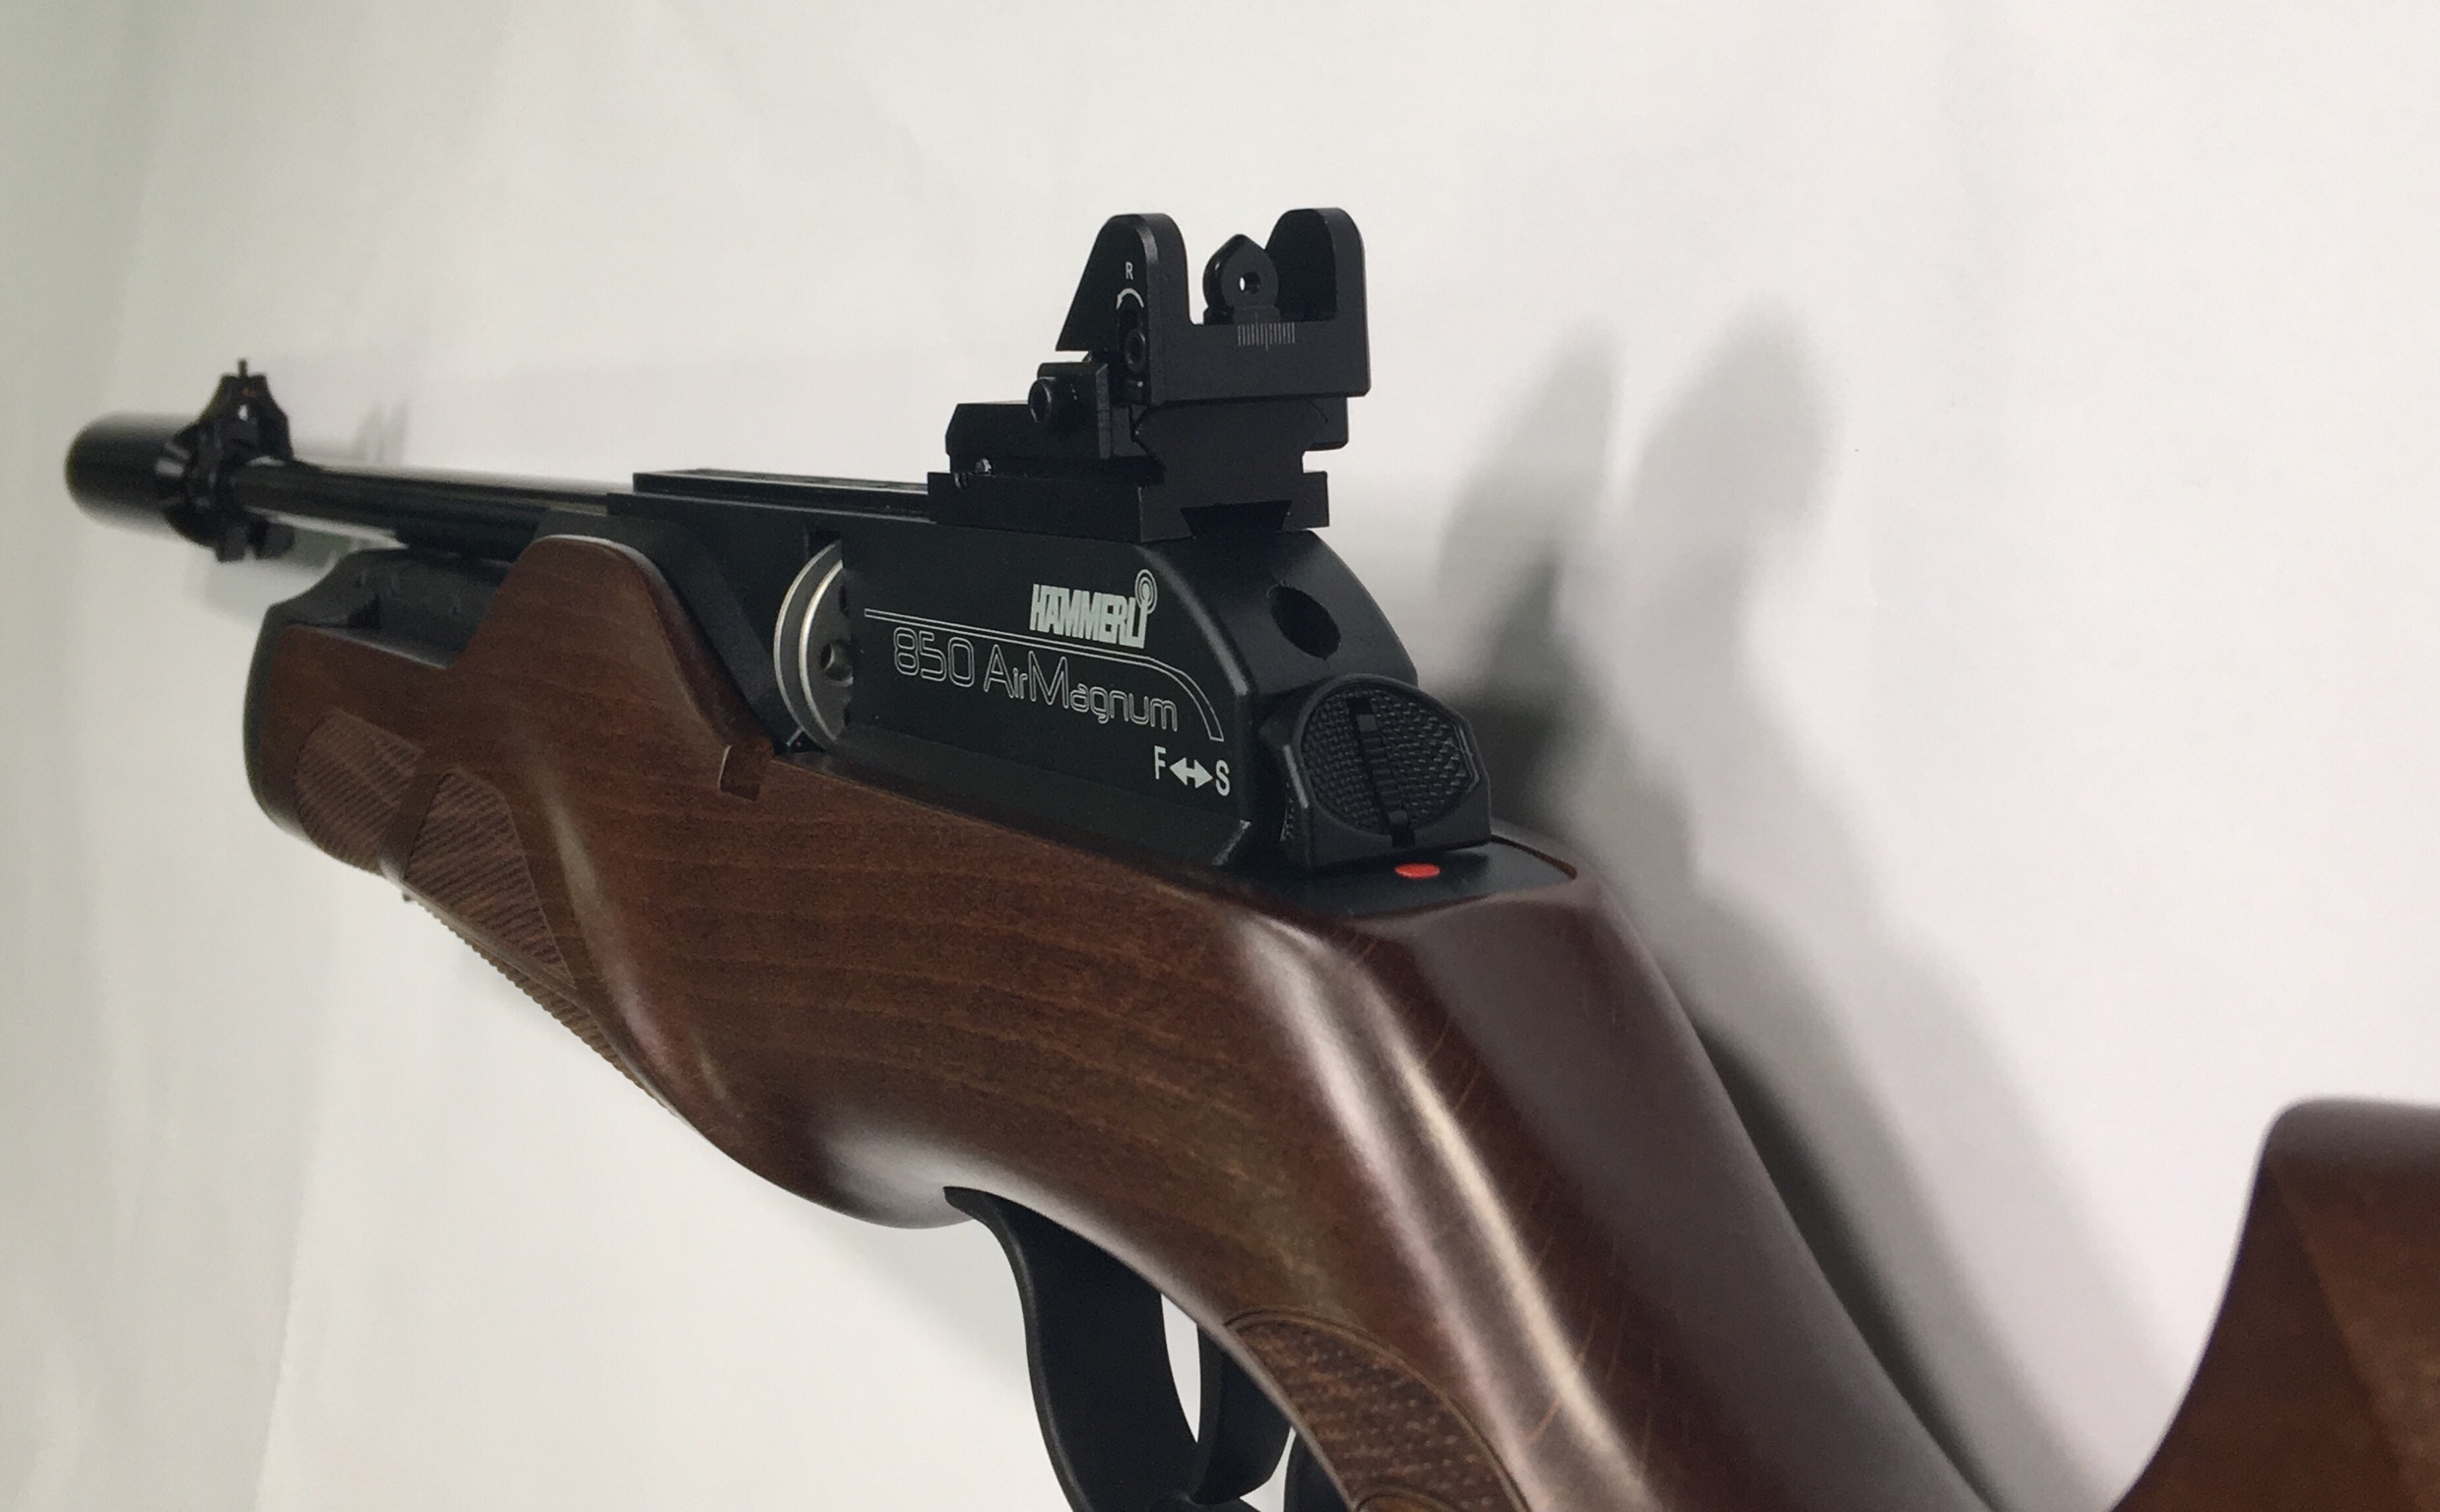 Montagebeispiel der Lochkimme am Hämmerli 850 carbine. Da passt es aber auch nur mit einem spezielle angefertigtem <a href=1055303.htm>Adatper zum Höhenausgleich</a>.